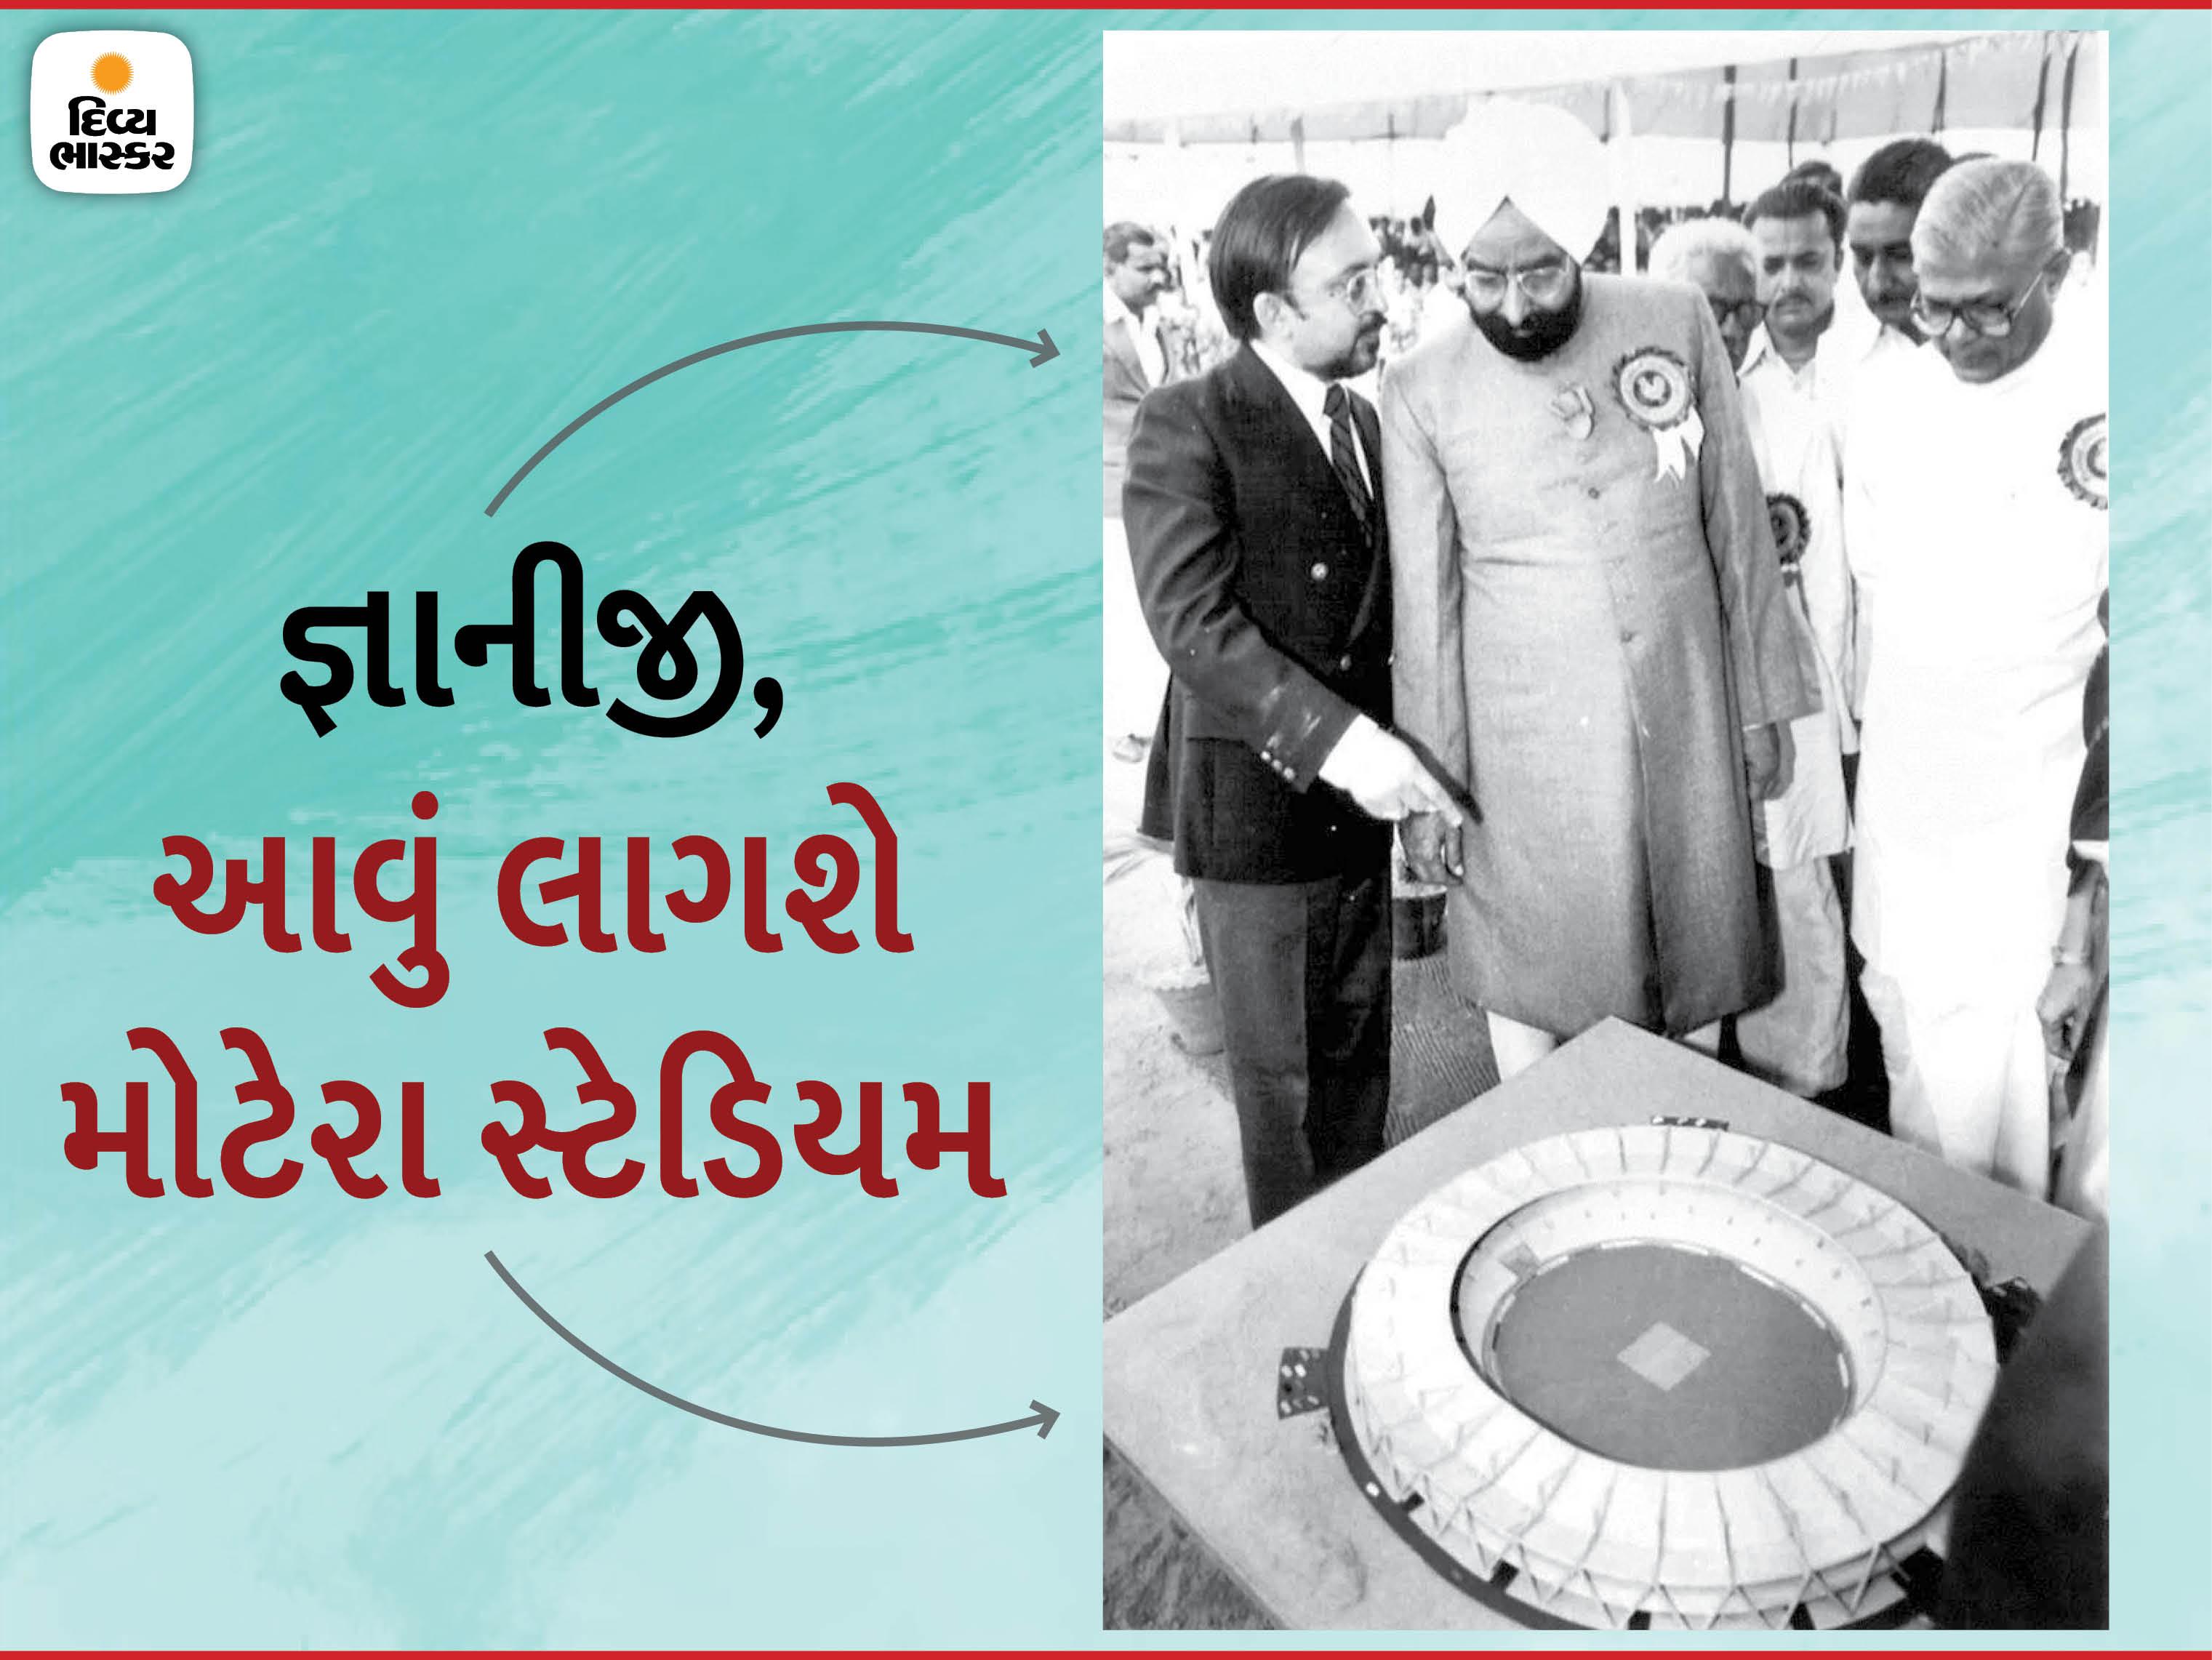 તત્કાલીન રાષ્ટ્રપતિ જ્ઞાની ઝૈલસિંહને મોટેરા સ્ટેડિયમનું સ્ટ્રક્ચર બતાવતા મૃગેશ જયકૃષ્ણ (કાળા કોટમાં) અને તેમની સાથે ગુજરાતના એ સમયના મુખ્યમંત્રી માધવસિંહ સોલંકી. - Divya Bhaskar